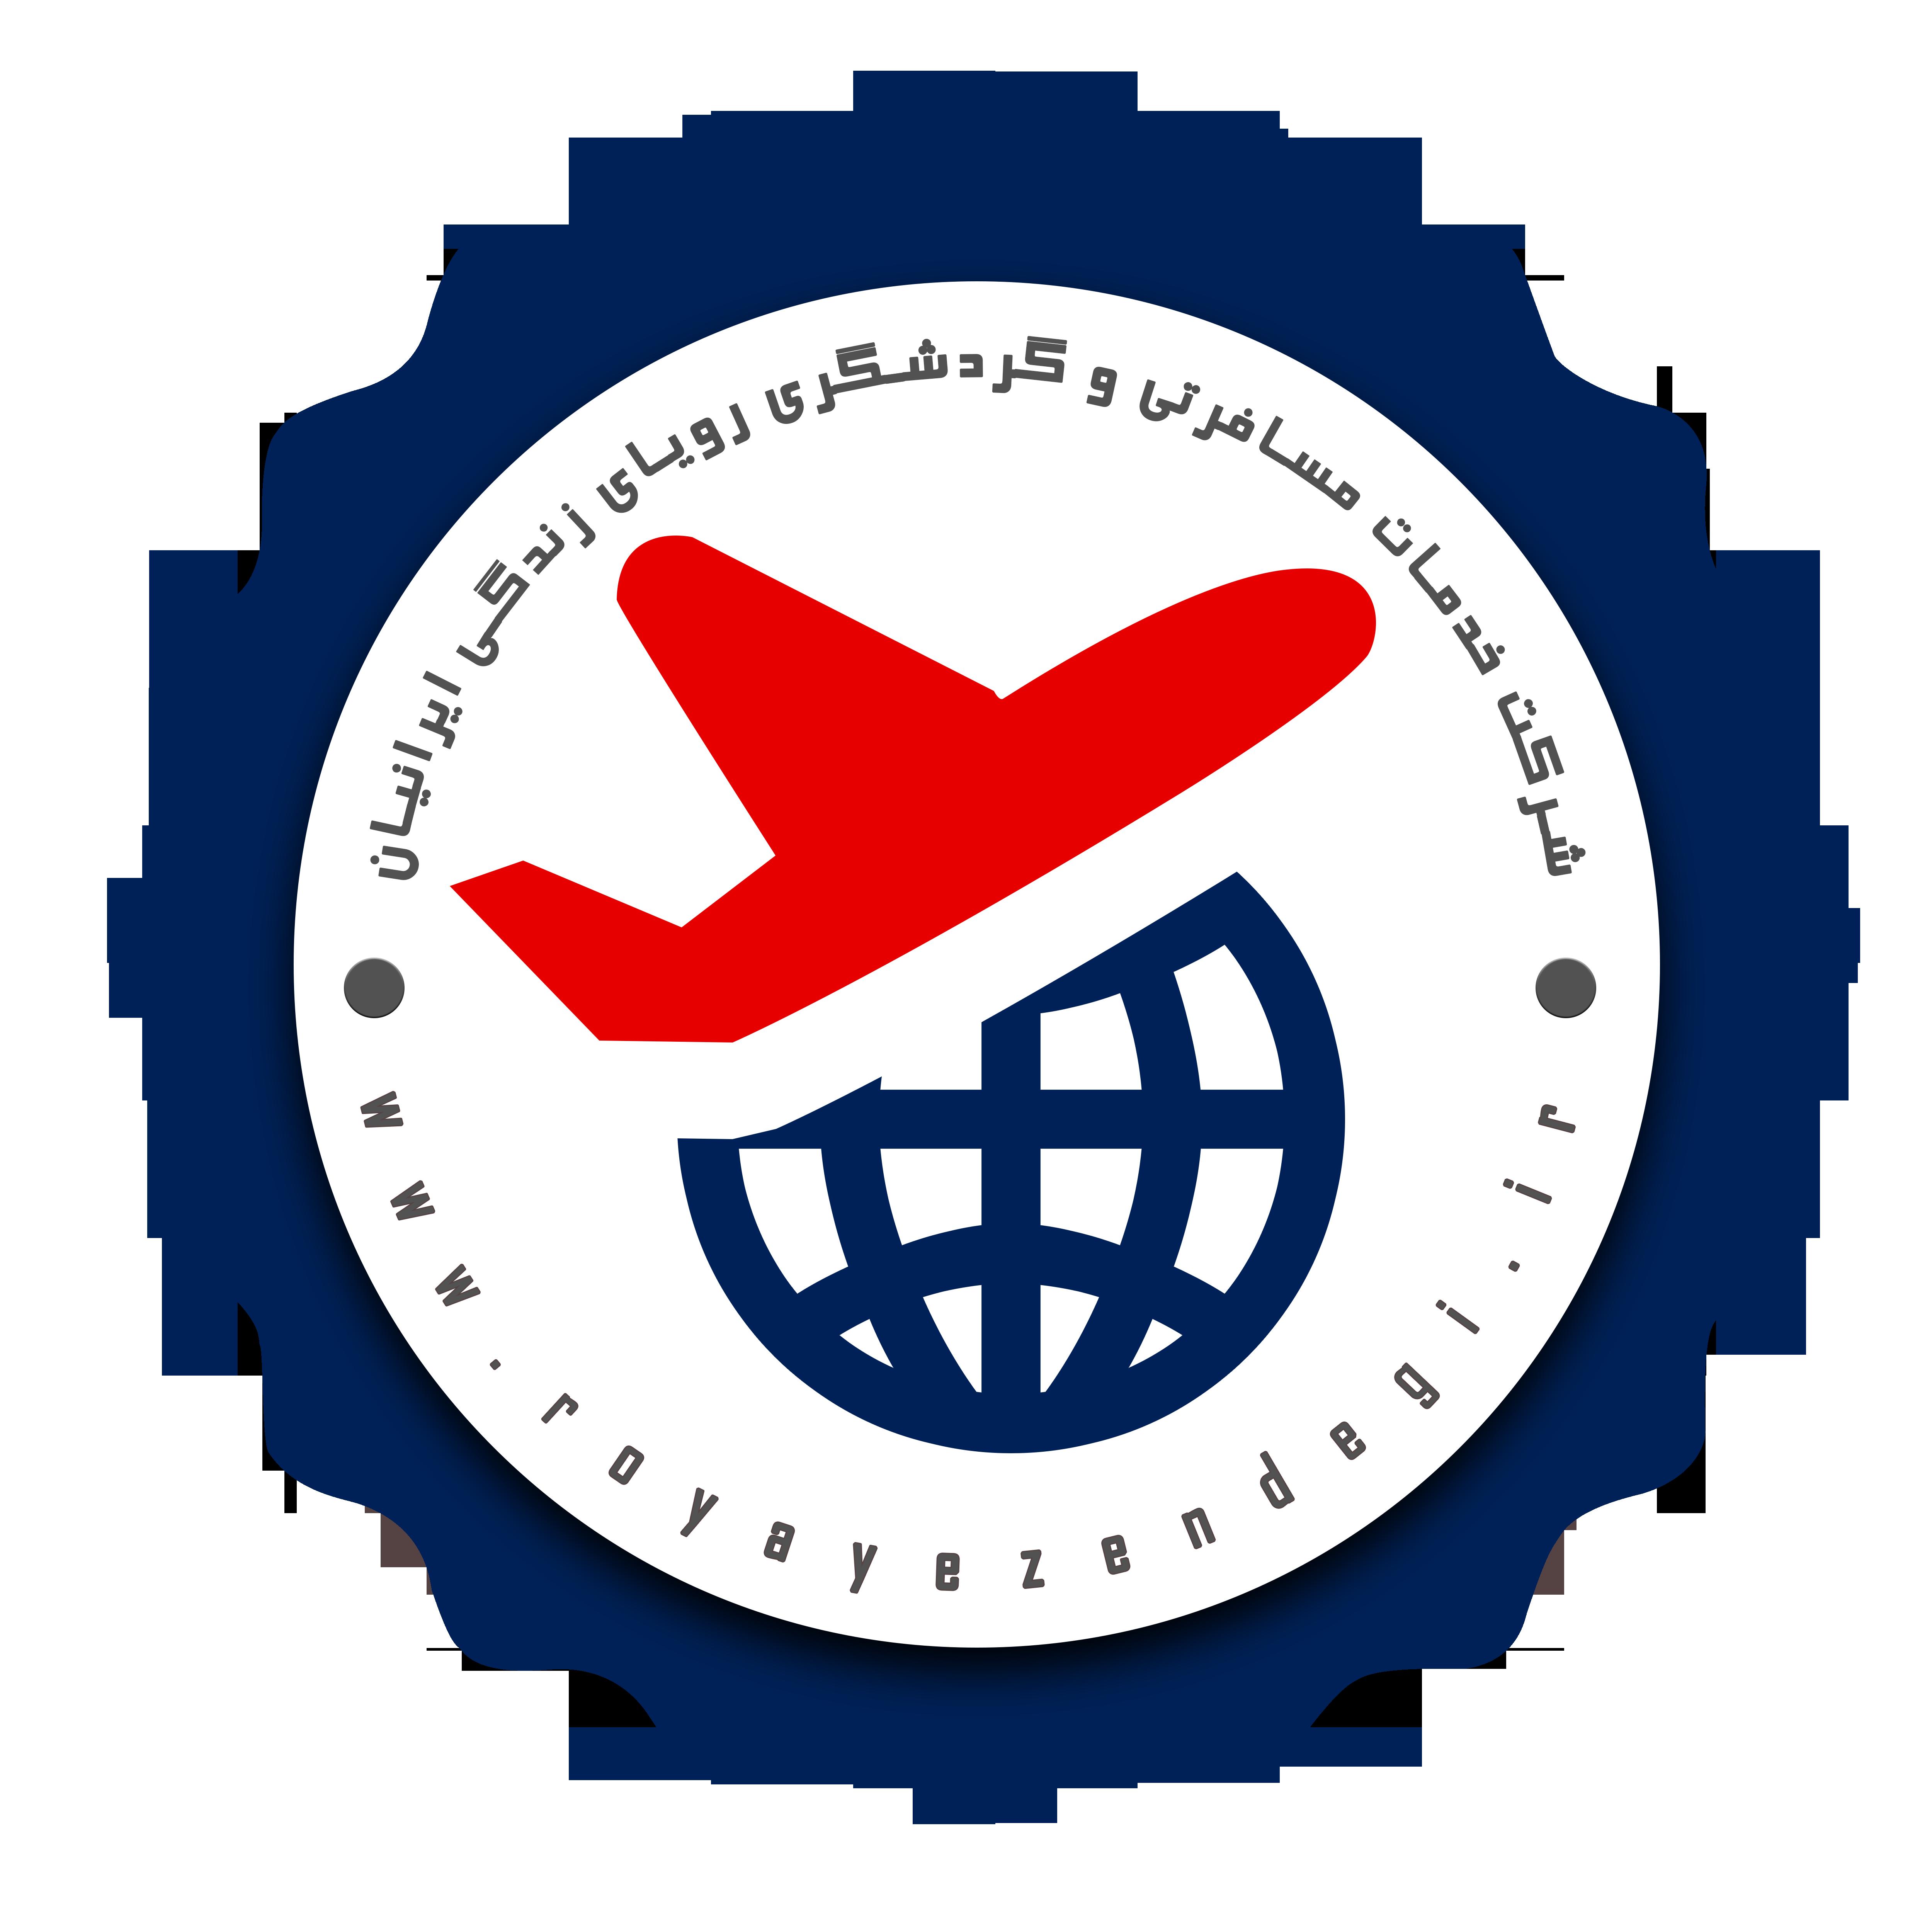 ویزای پرتغال، ویزای کانادا، ویزای انگلیس، ویزای شینگن | رویای زندگی ایرانیان